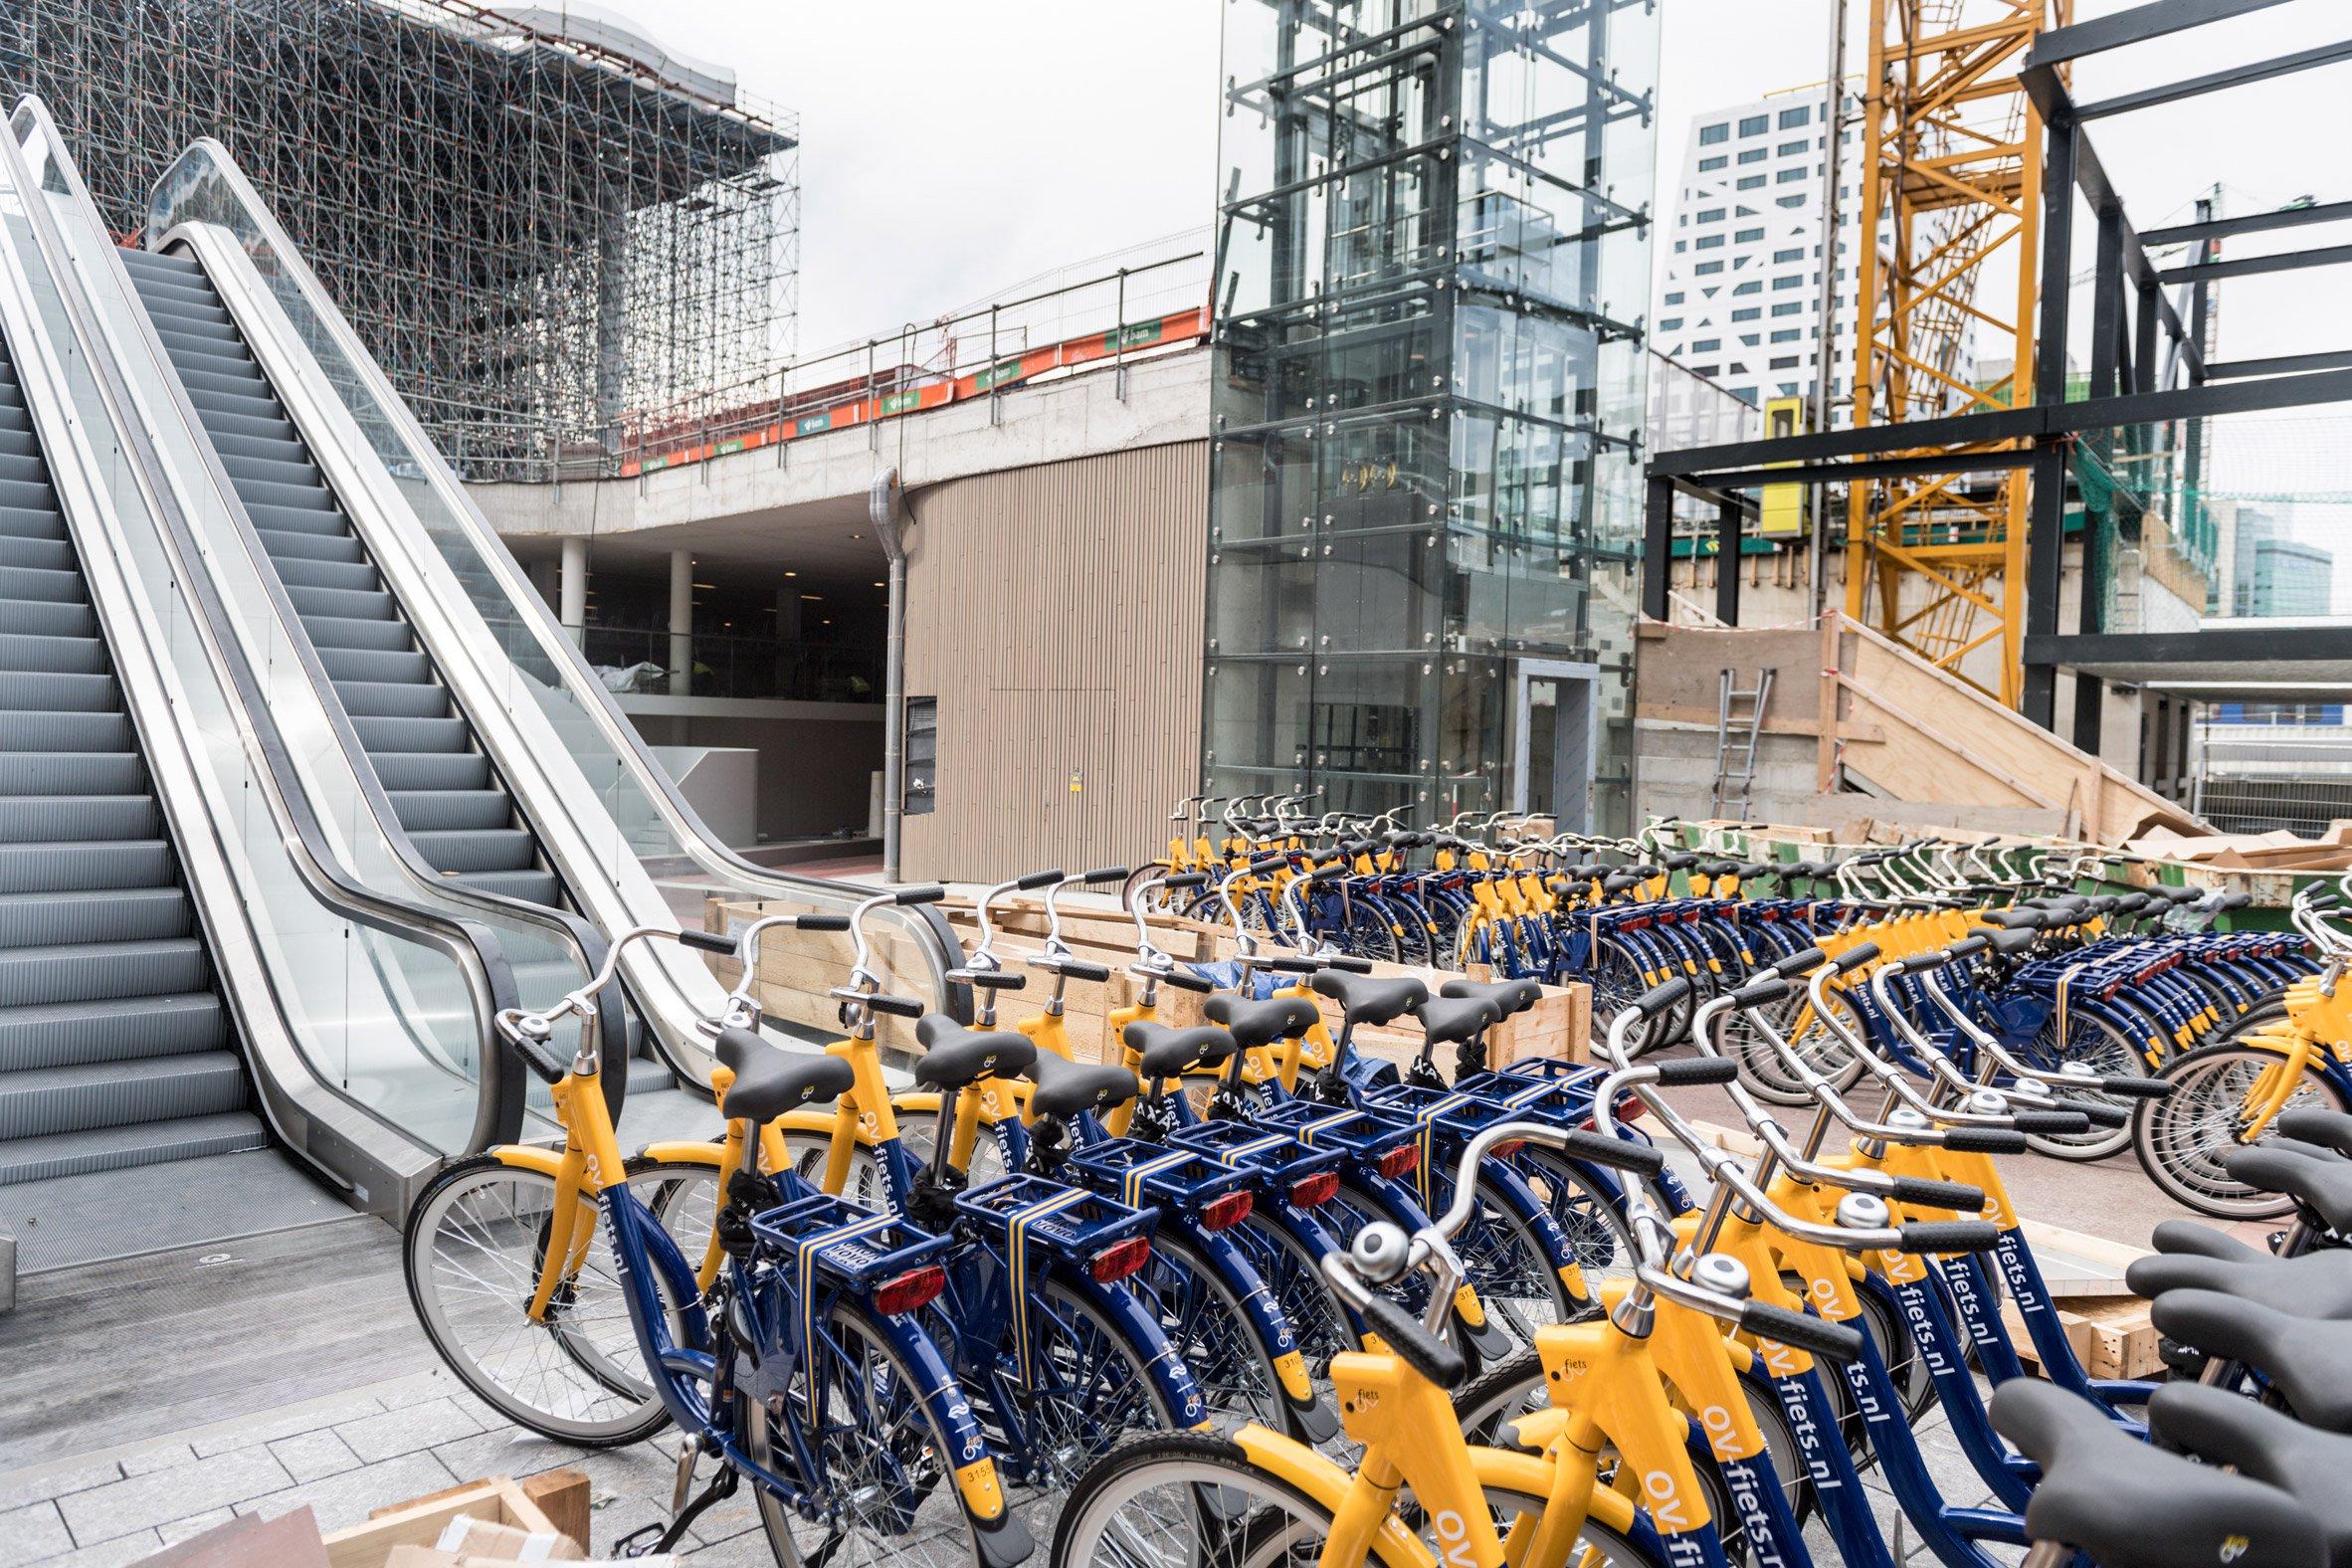 Na Holanda a bicicleta é utilizada como transporte diário